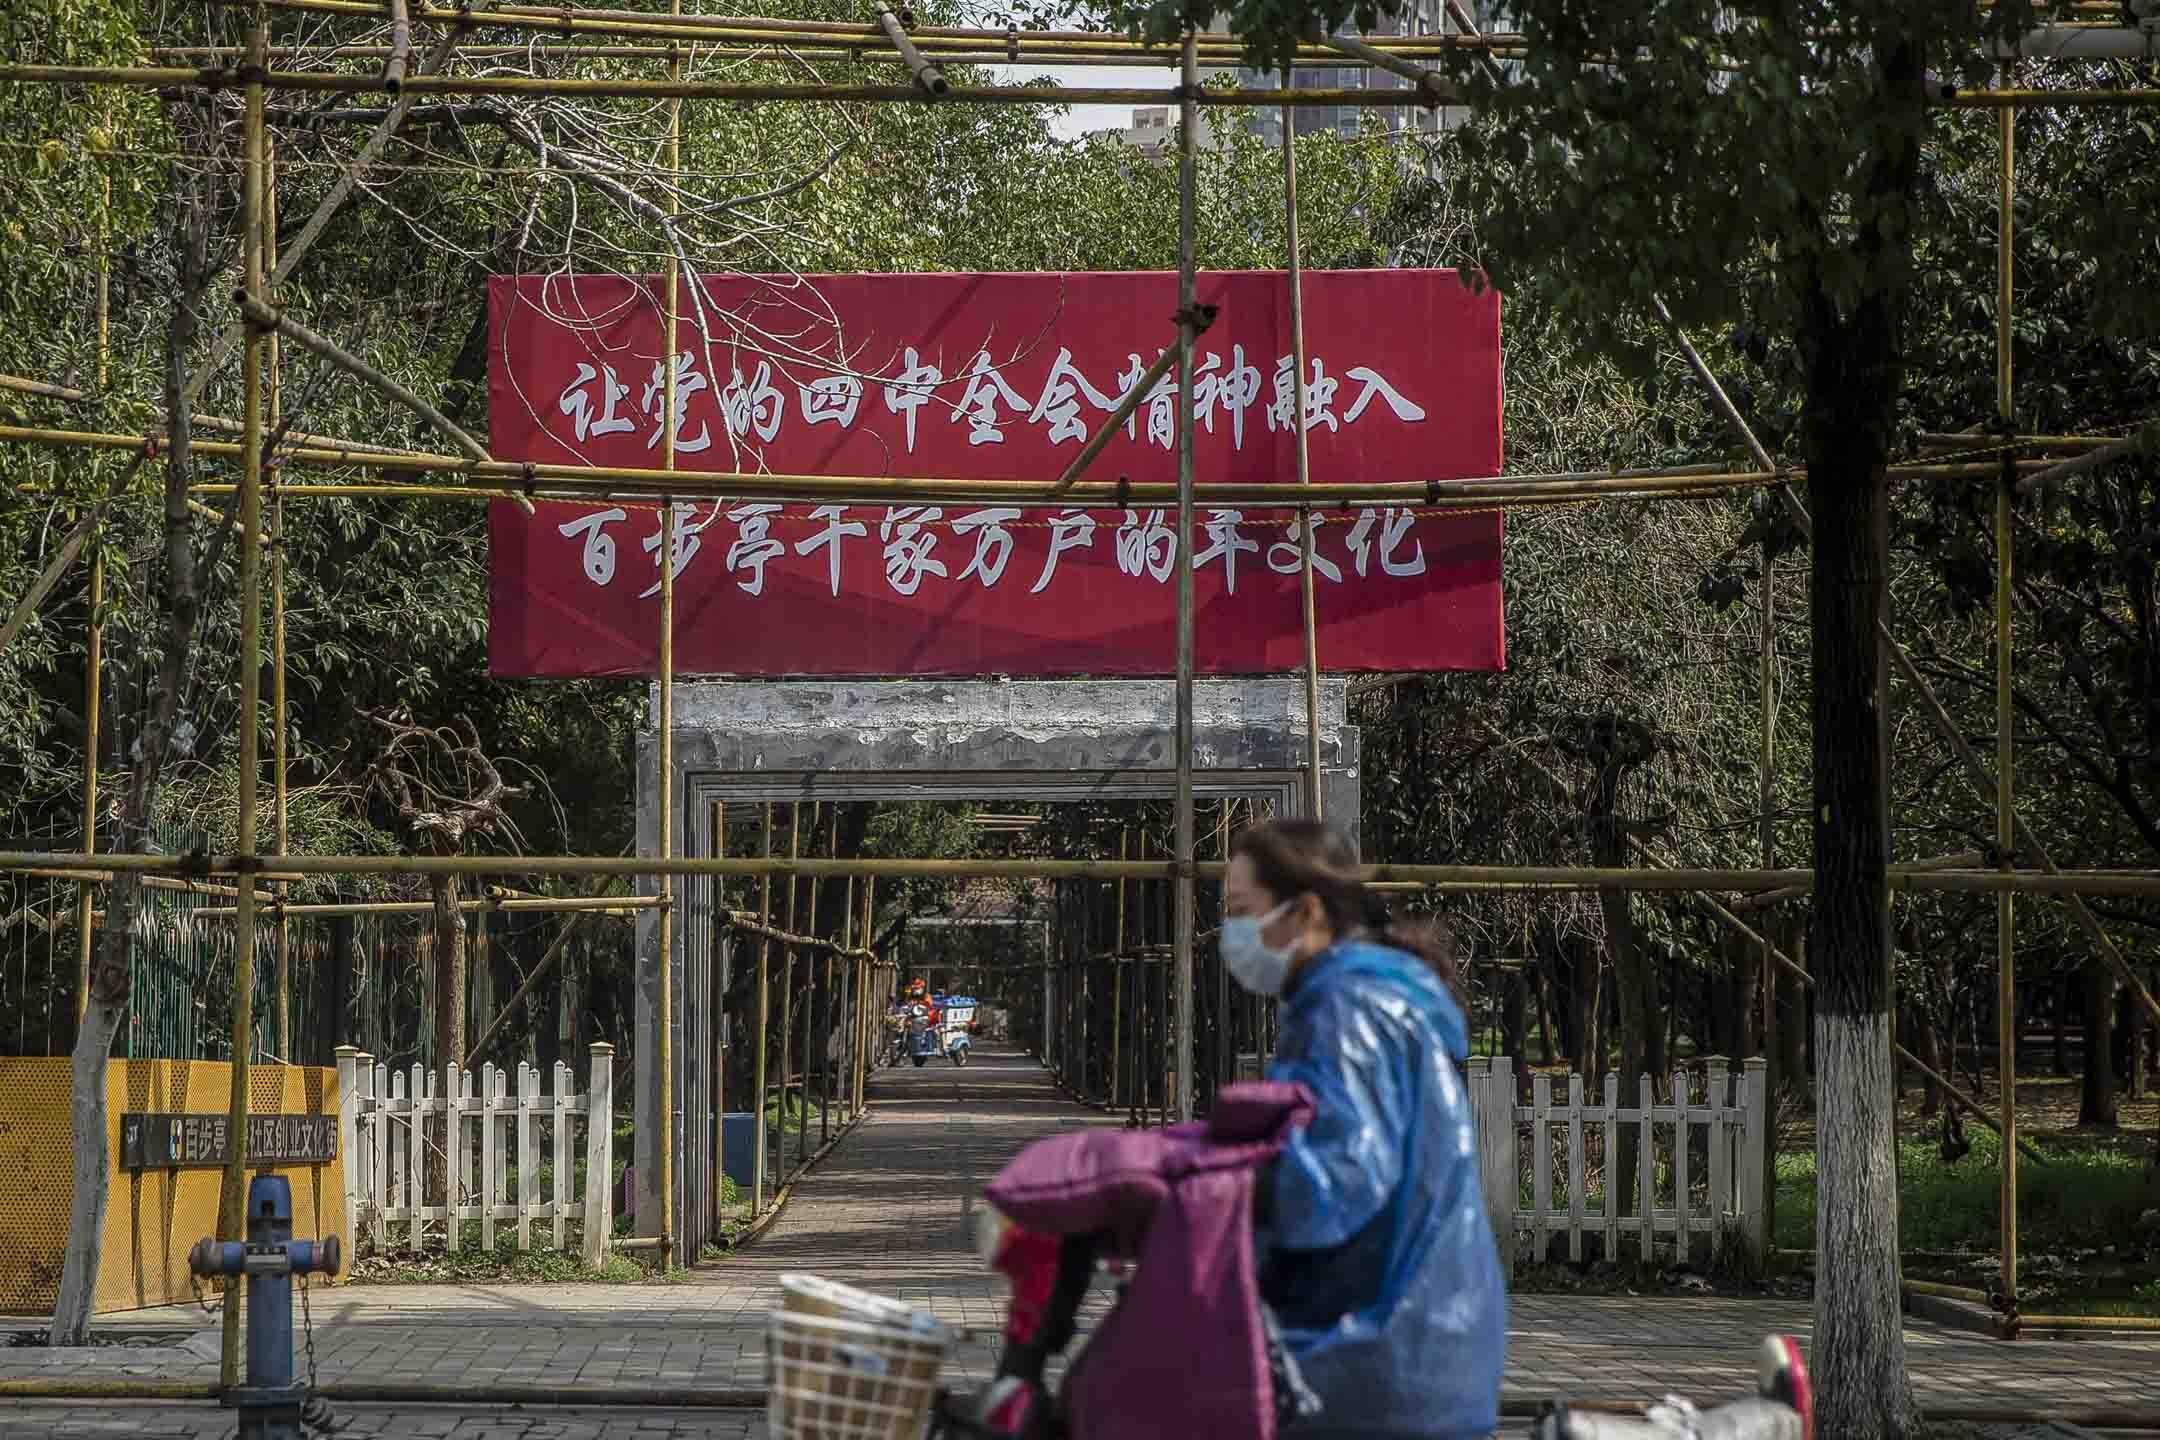 百步亭社區有不少標語。